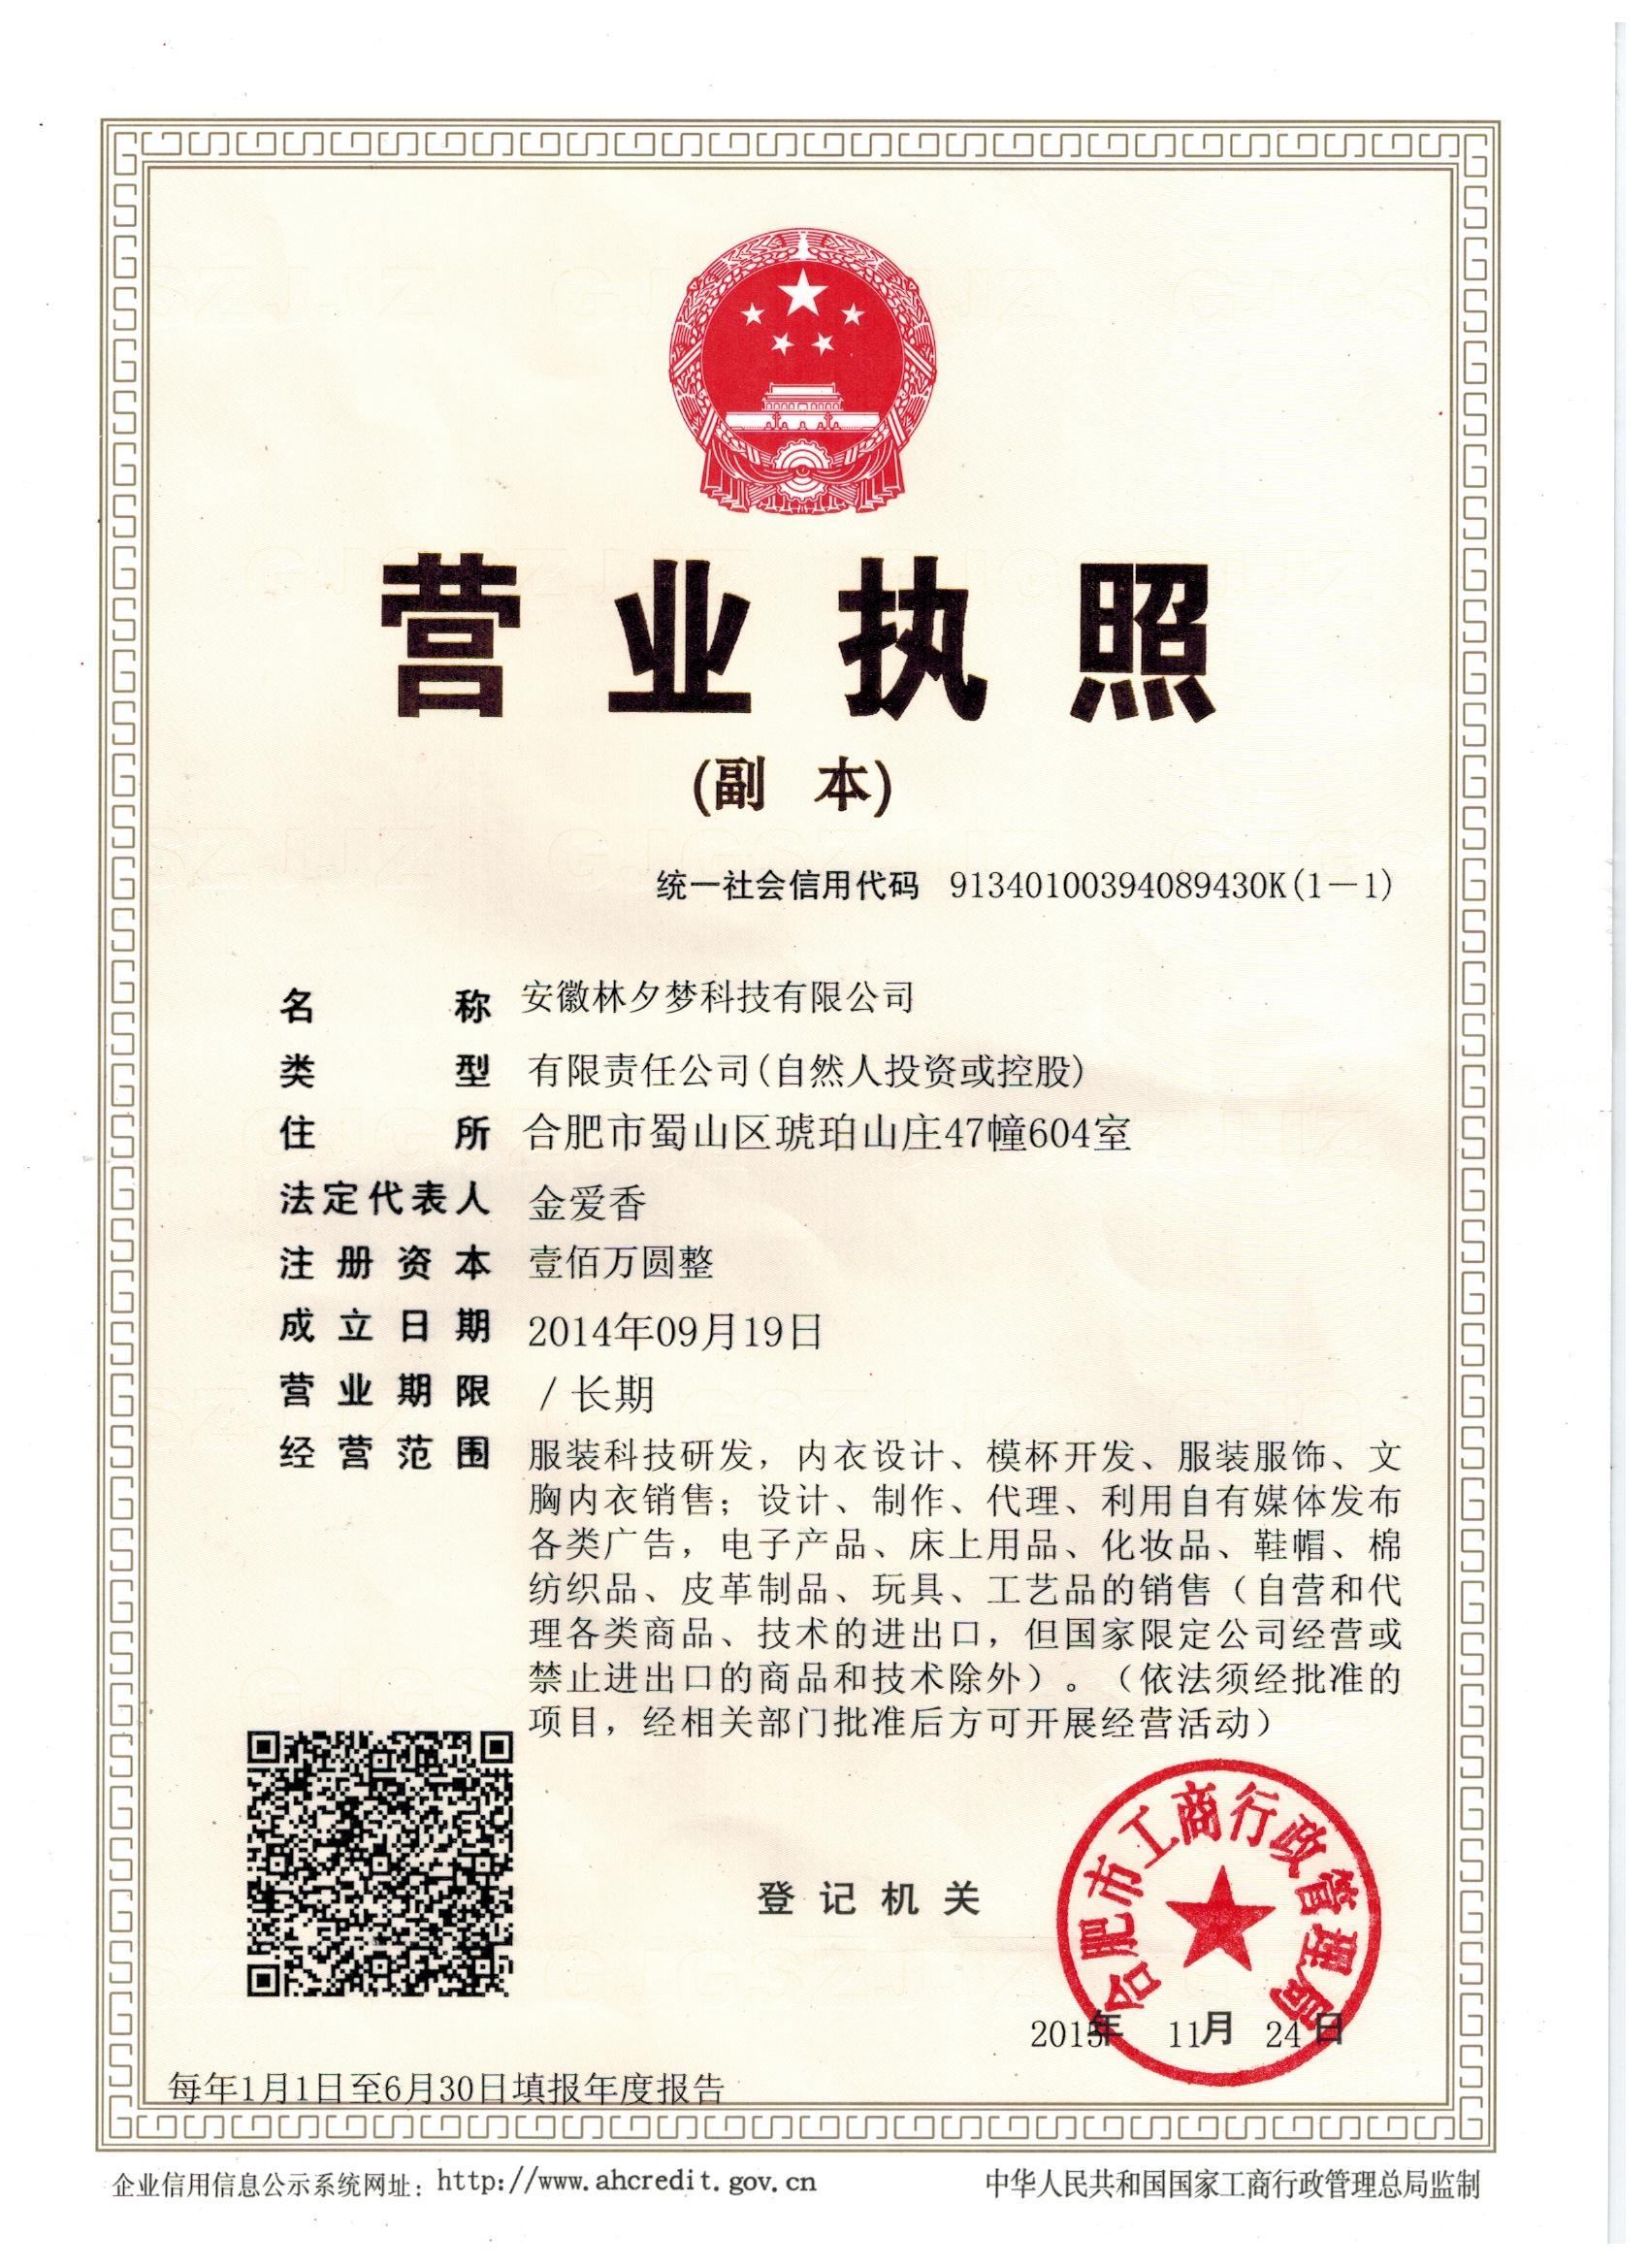 安徽林夕梦科技有限公司企业档案